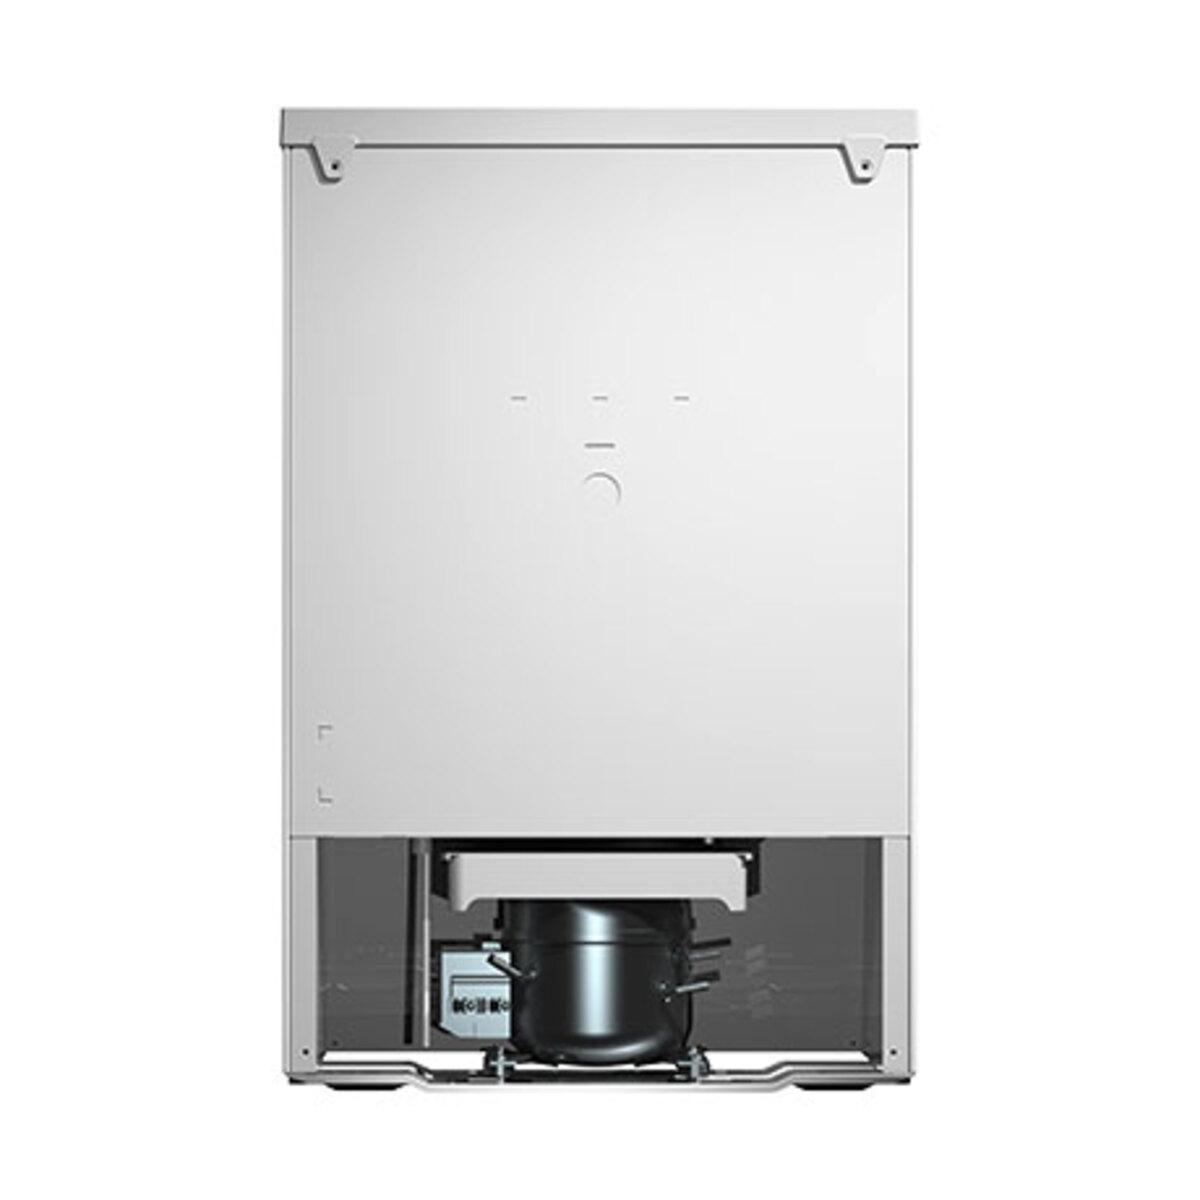 Bild 3 von Kühlschrank mit Gefrierfach